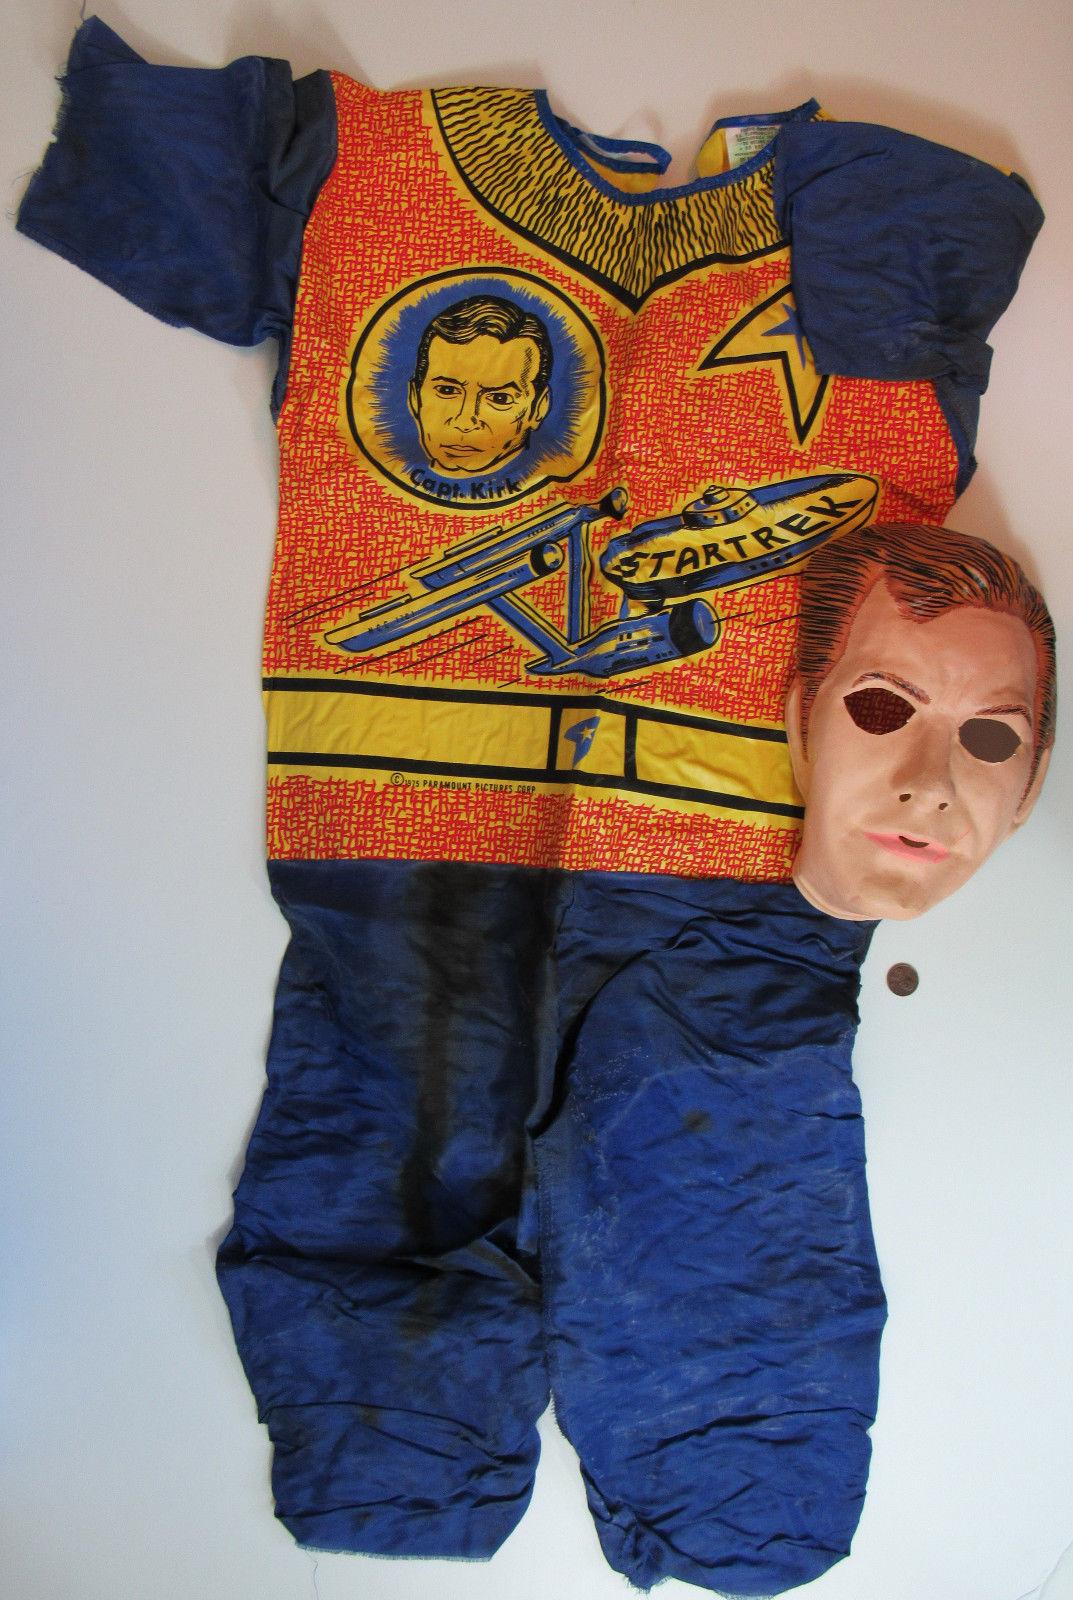 But not the uniform!  sc 1 st  TrekkerScrapbook & Star Trek costumes | TrekkerScrapbook